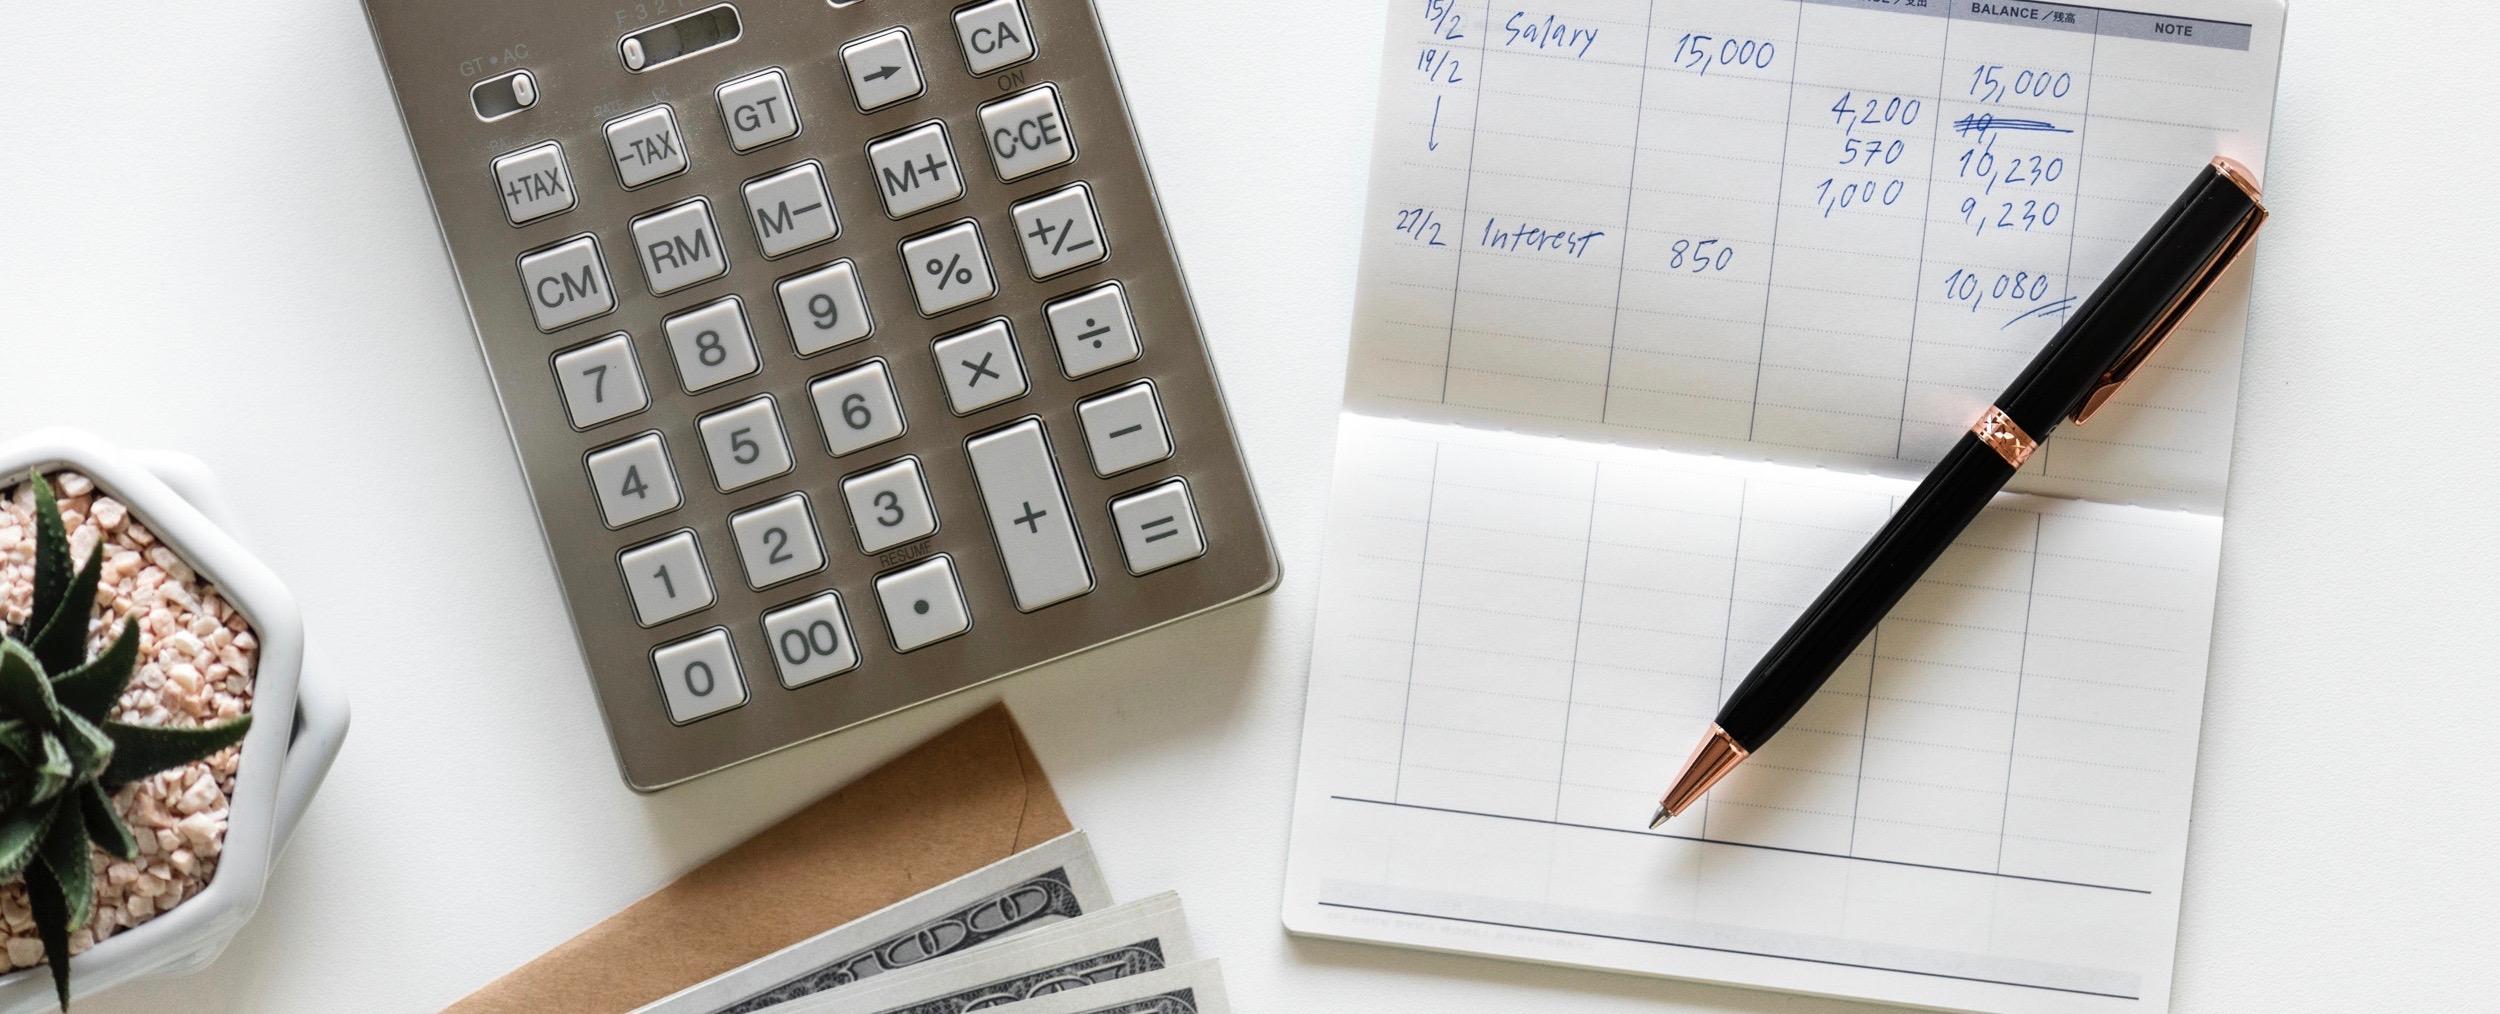 Cómo calcular las deducciones del IMSS | Runa